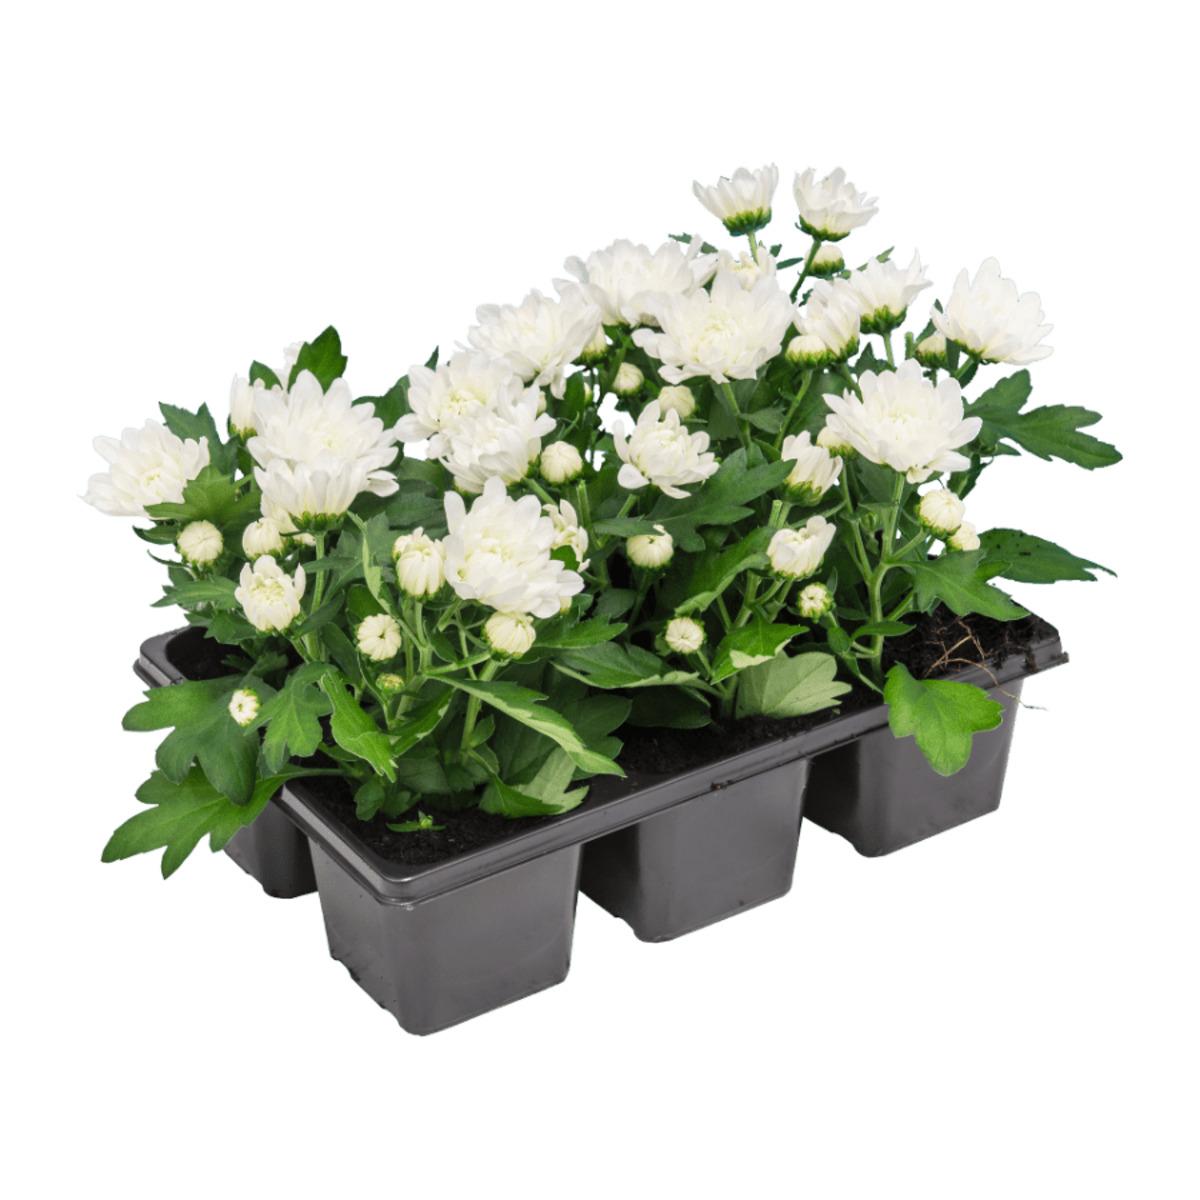 Bild 2 von GARDEN FEELINGS     Chrysanthemen